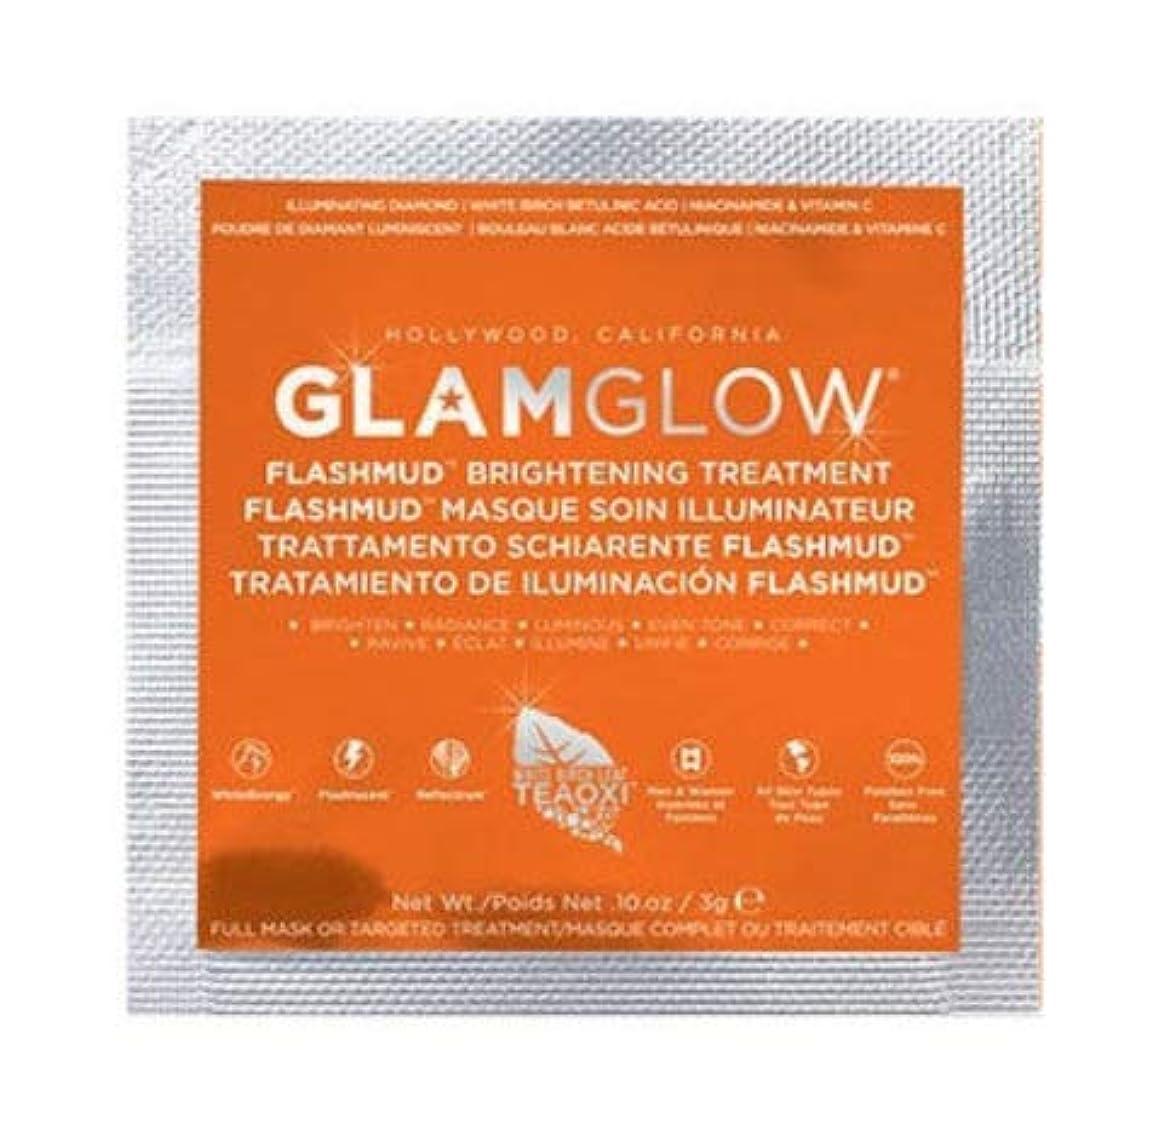 アジア補正社説【サンプルサイズ】グラムグロウ (GLAMGLOW) FLASHMUD 3g (1回分) [並行輸入品]